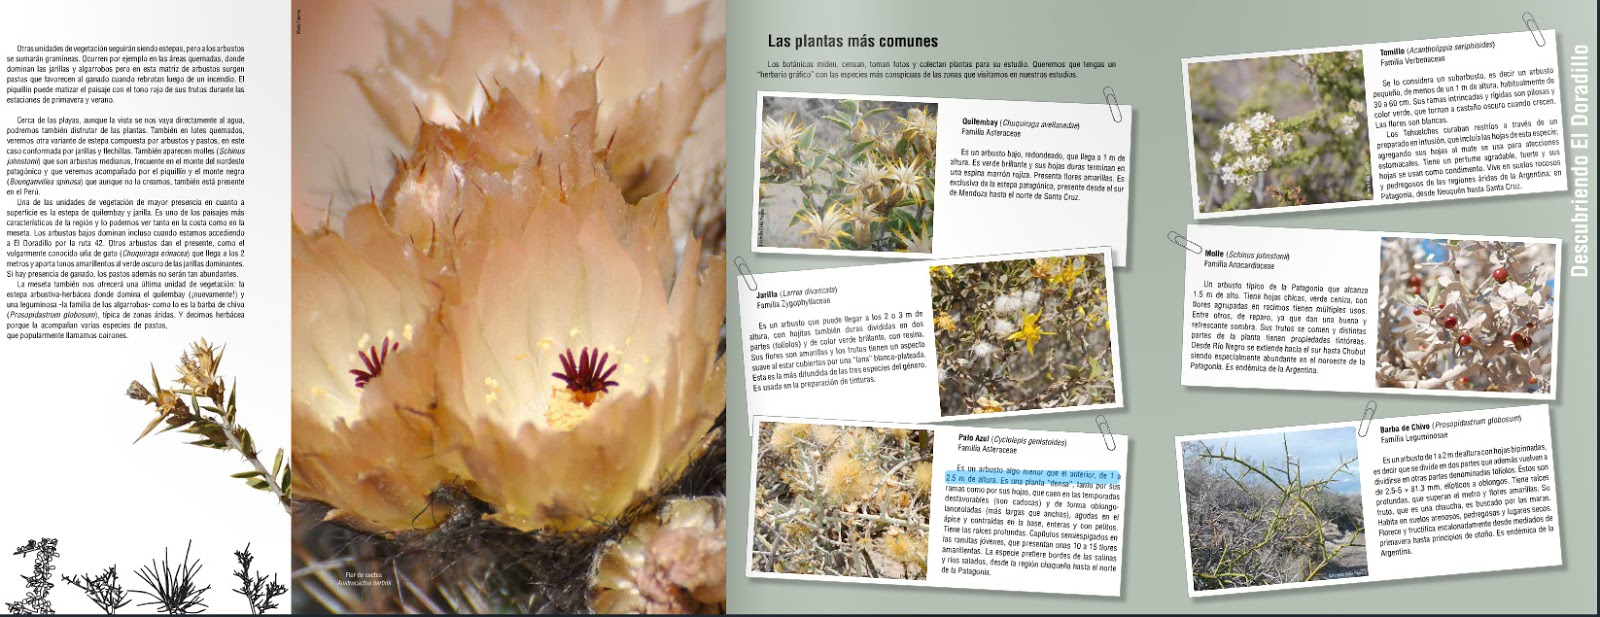 Flora,Fauna,Geografía y mas del Área Natural Protegida El Doradillo